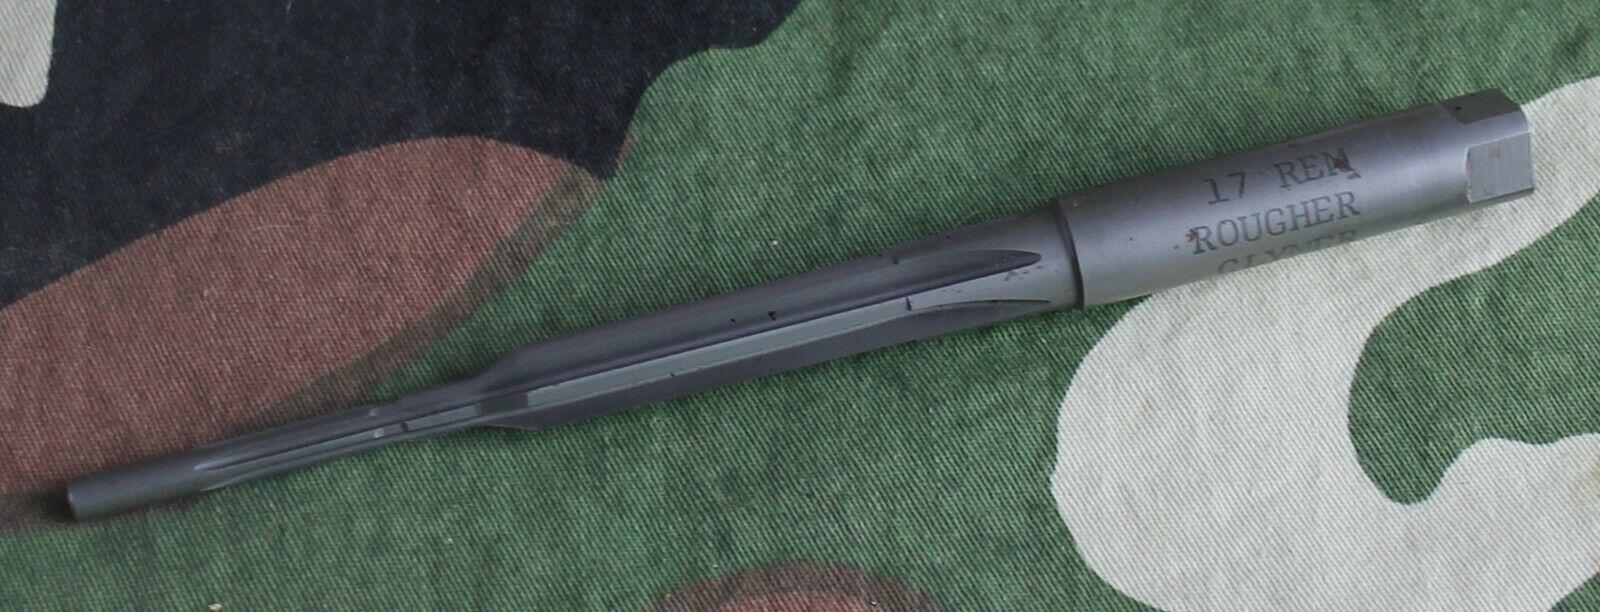 Cámara Escariador Clymer USA .17 Remington más ásperas Armero utilizado una vez